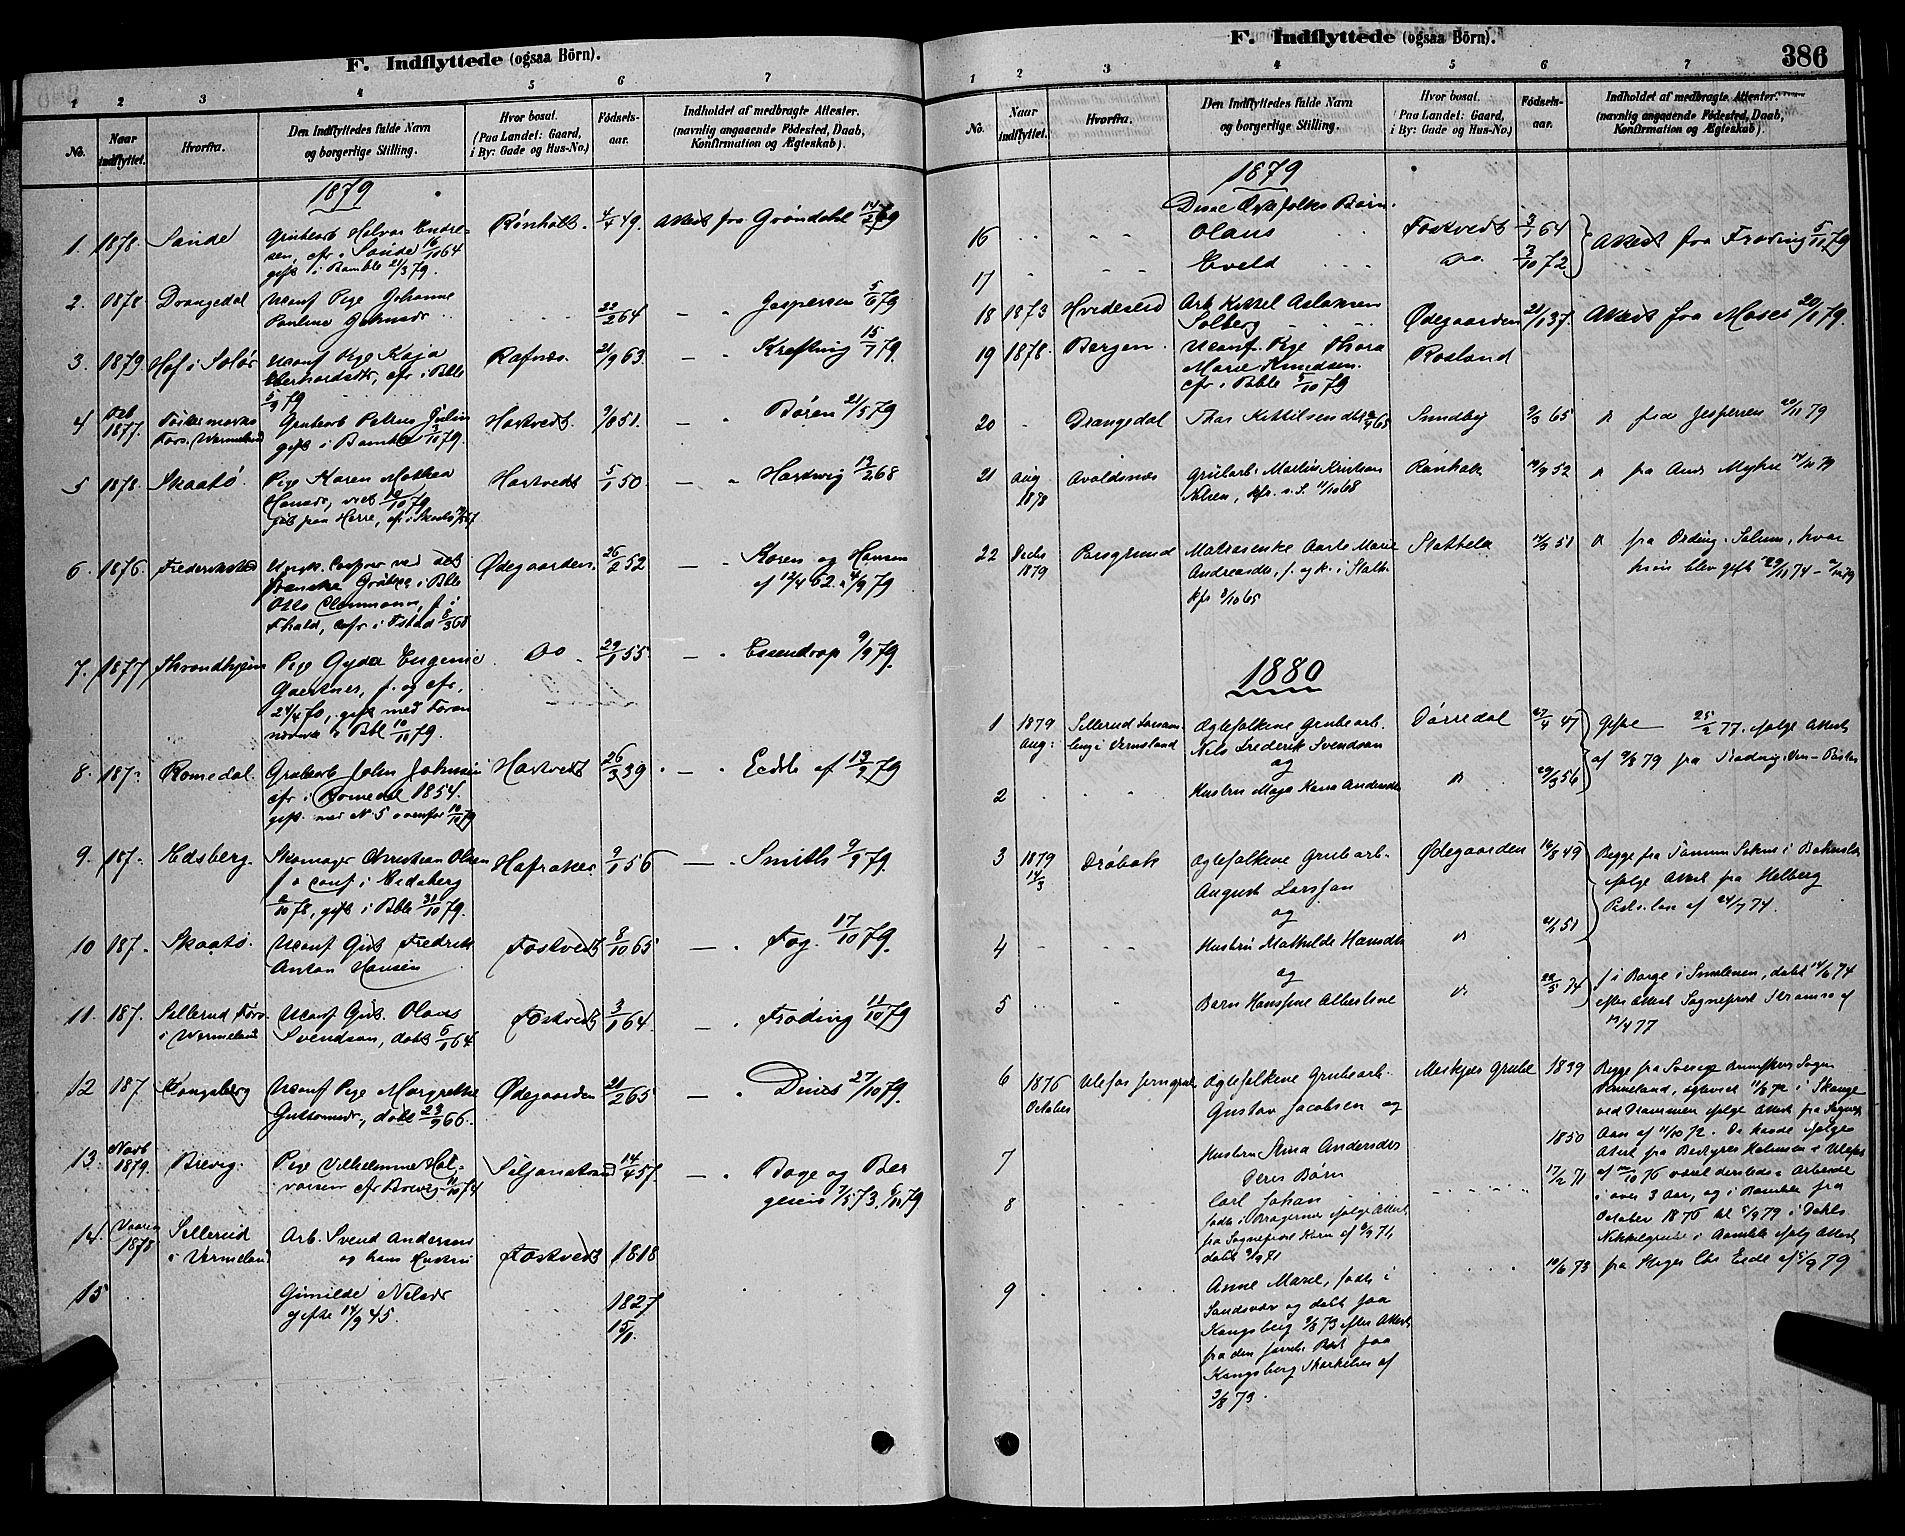 SAKO, Bamble kirkebøker, G/Ga/L0008: Klokkerbok nr. I 8, 1878-1888, s. 386